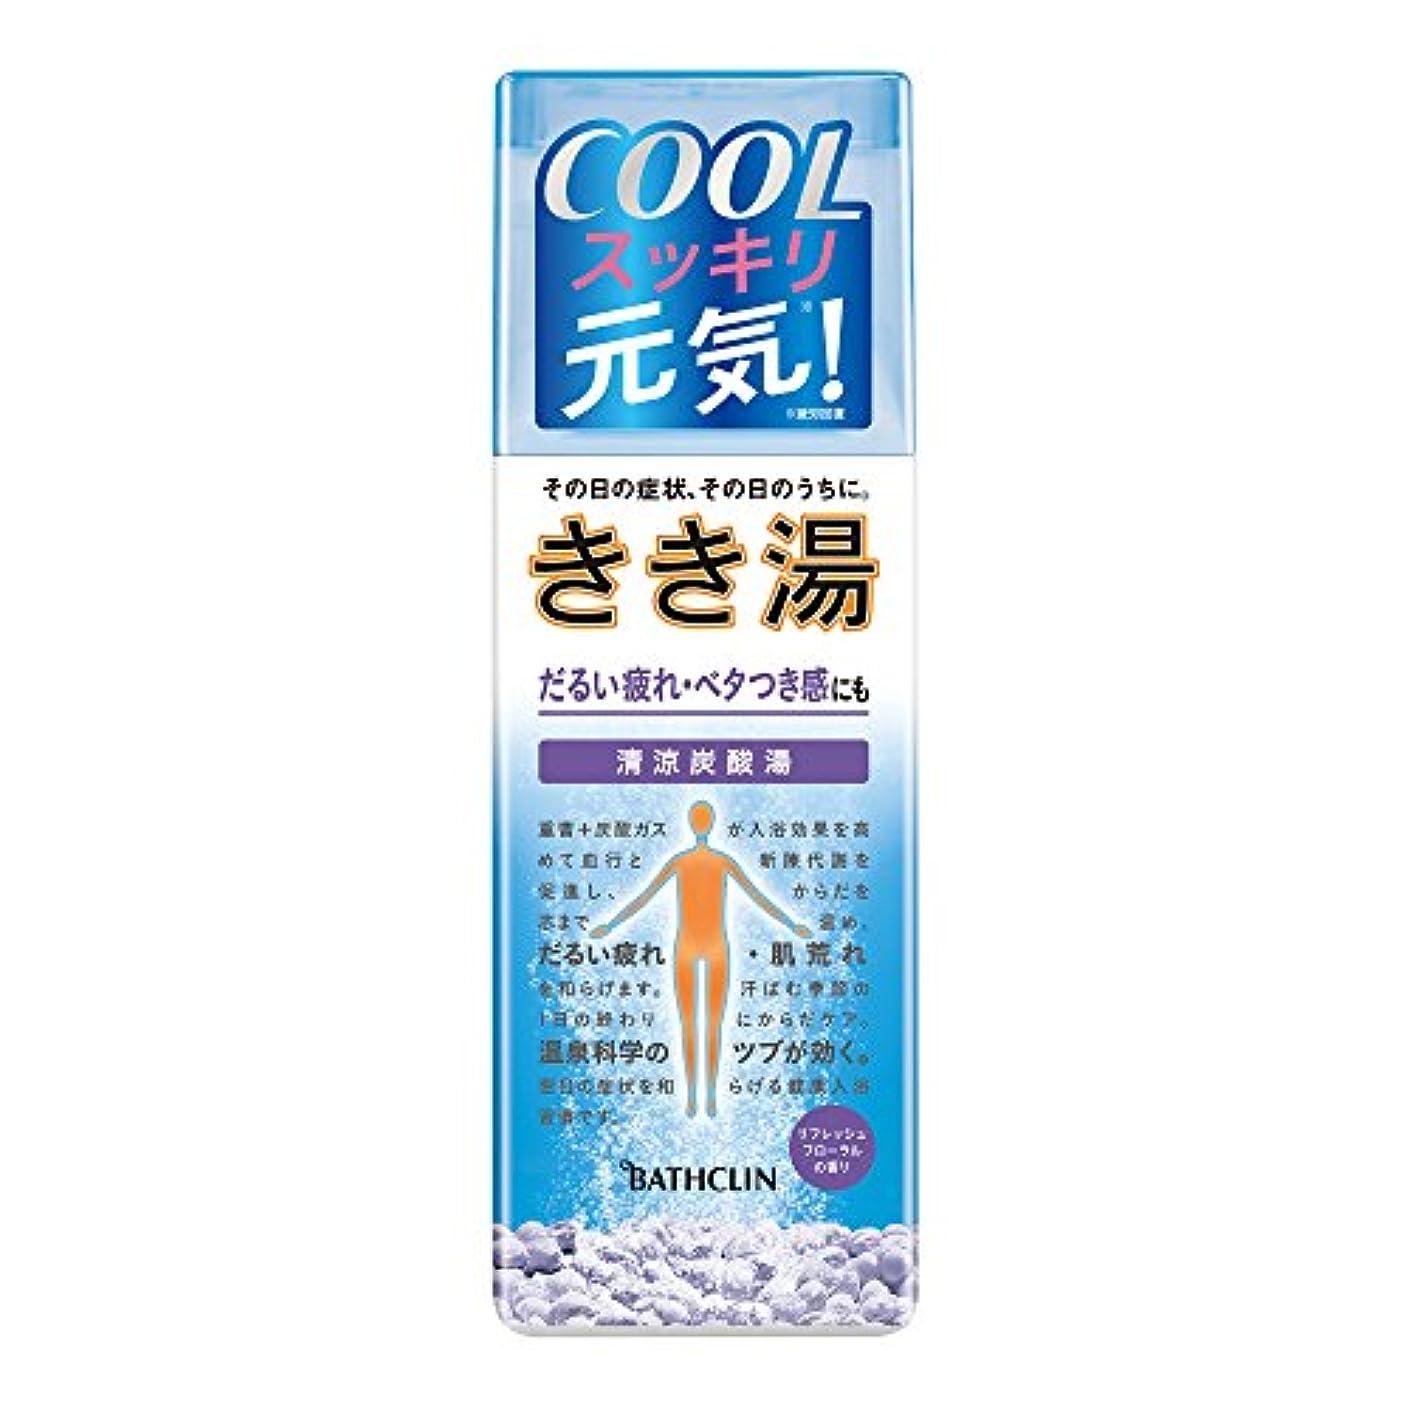 勇気のあるファイバ引き潮【医薬部外品】きき湯清涼炭酸湯リフレッシュフローラルの香り 360gマリンブルーの湯透明タイプ 入浴剤